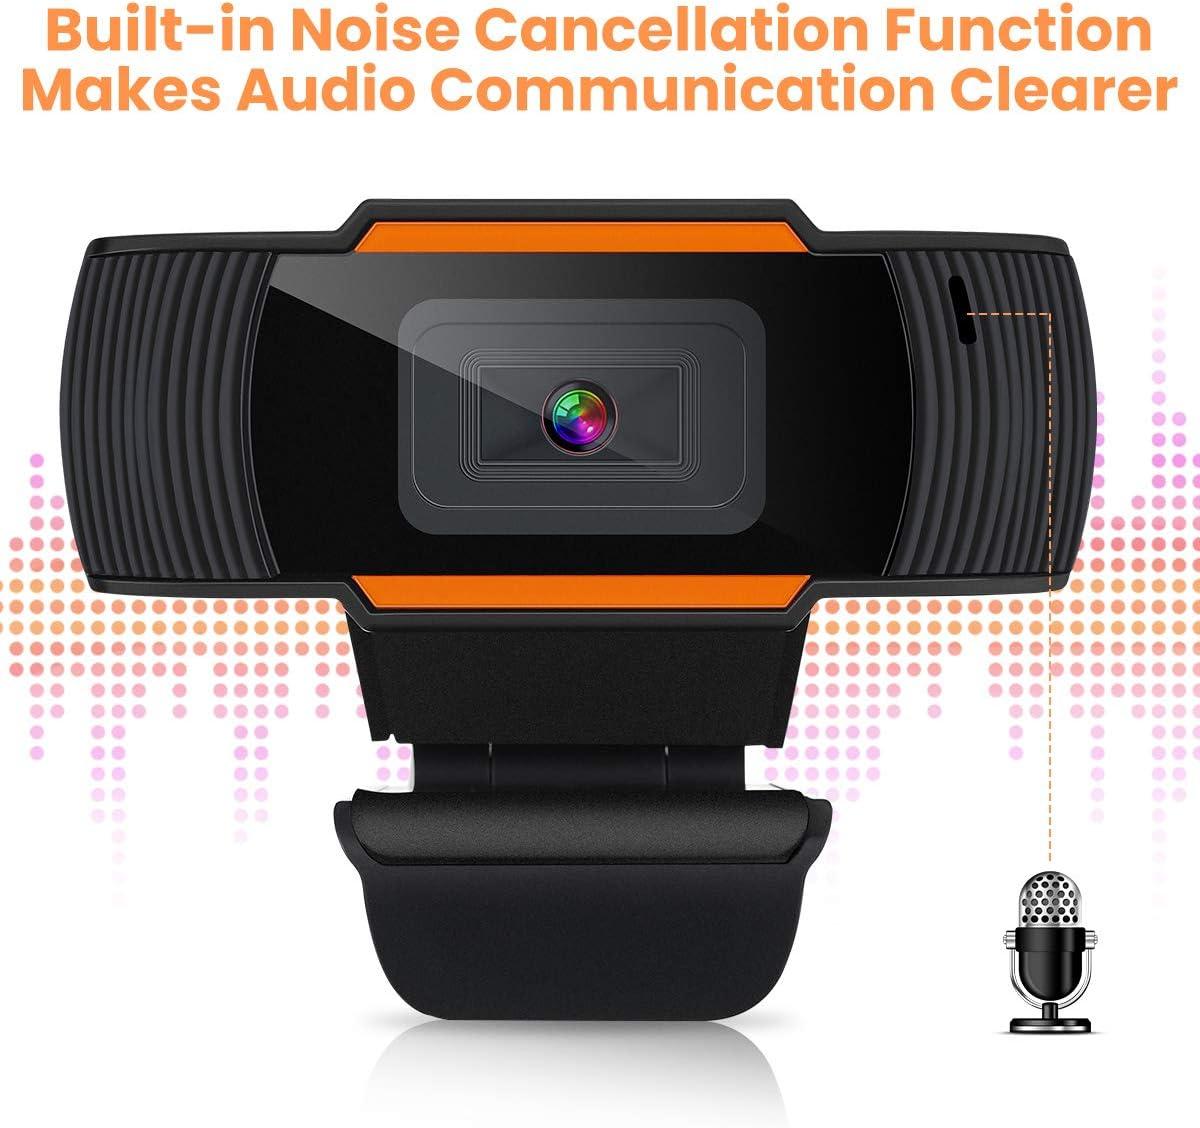 MECO Webcam PC Full HD 1080P USB Cam Web Cam/éra PC avec Micro dAbsorption du Bruit Appels Vid/éo gaming stream,Windows 10 Webcam Micro pour Ordinateur pour Youtube Visioconf/érence Zoom Skype